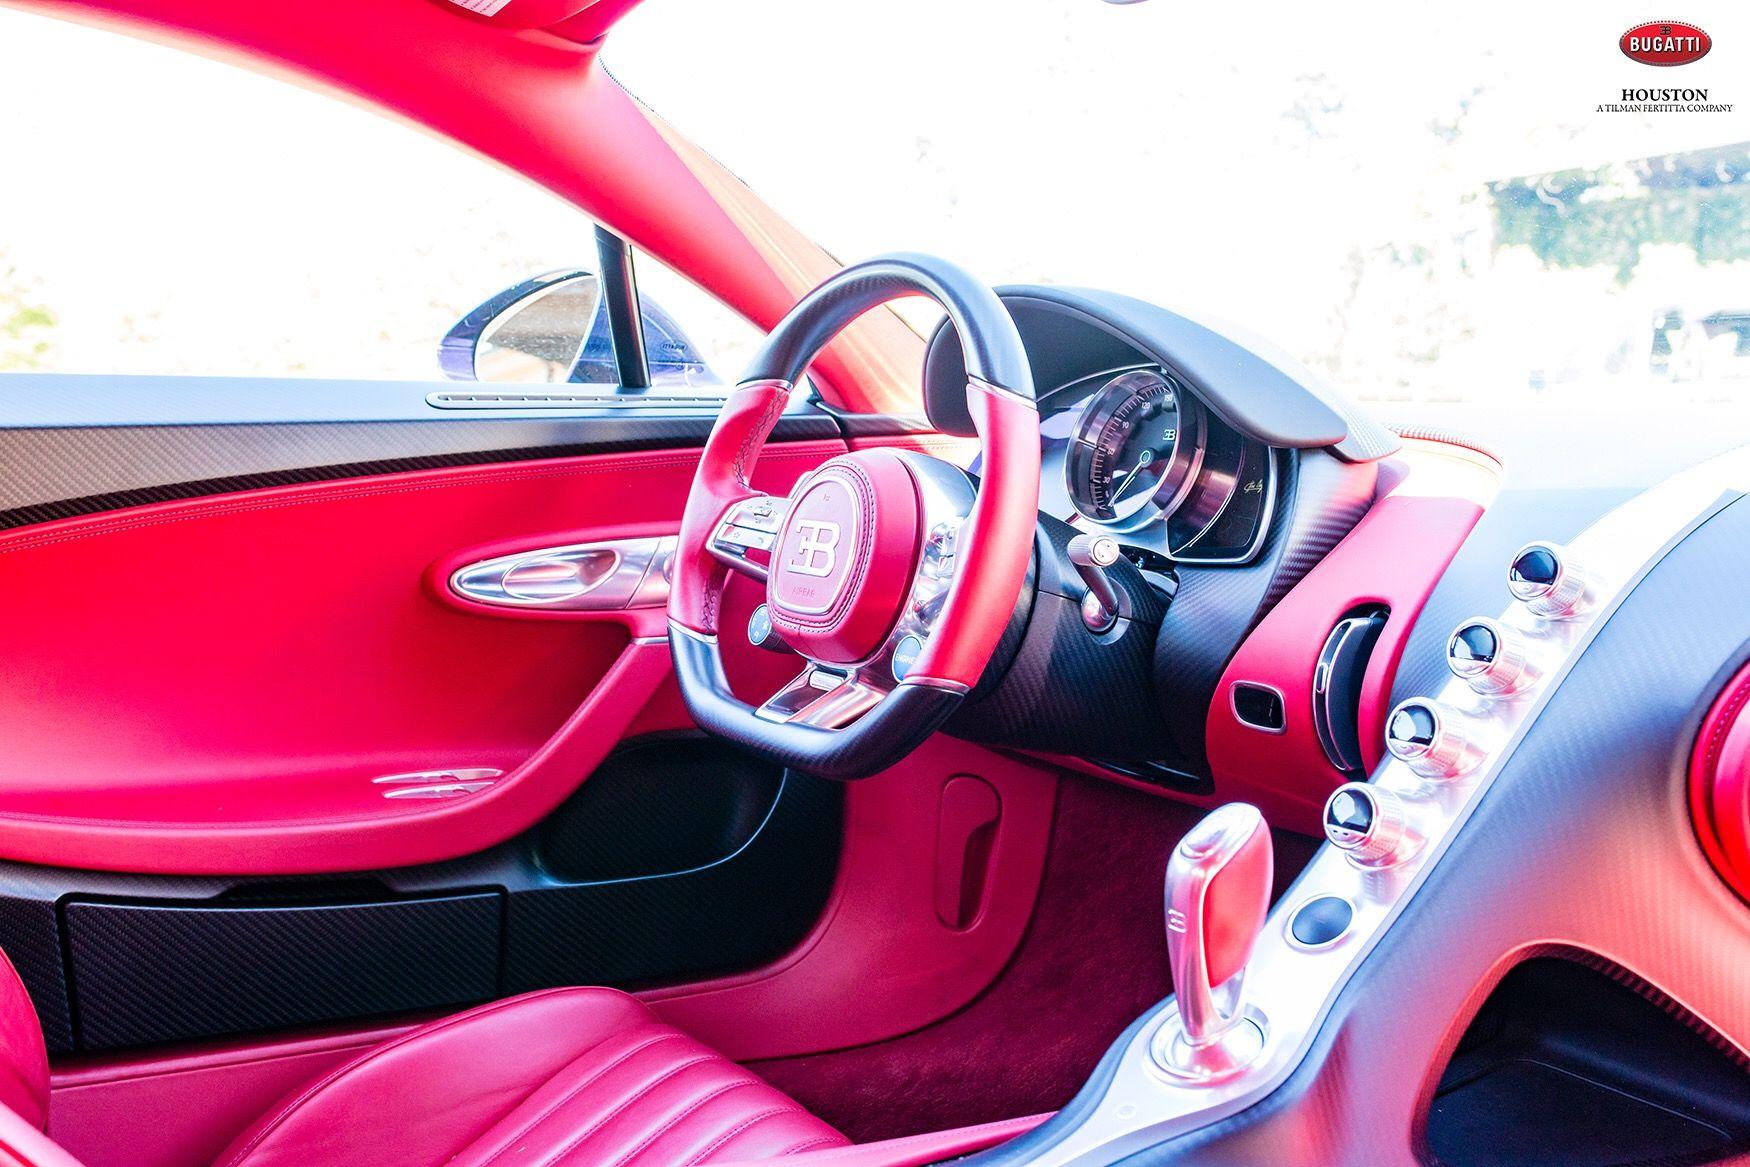 Bugatti Chiron From Bugatti Houston Interior Italian Red Leather